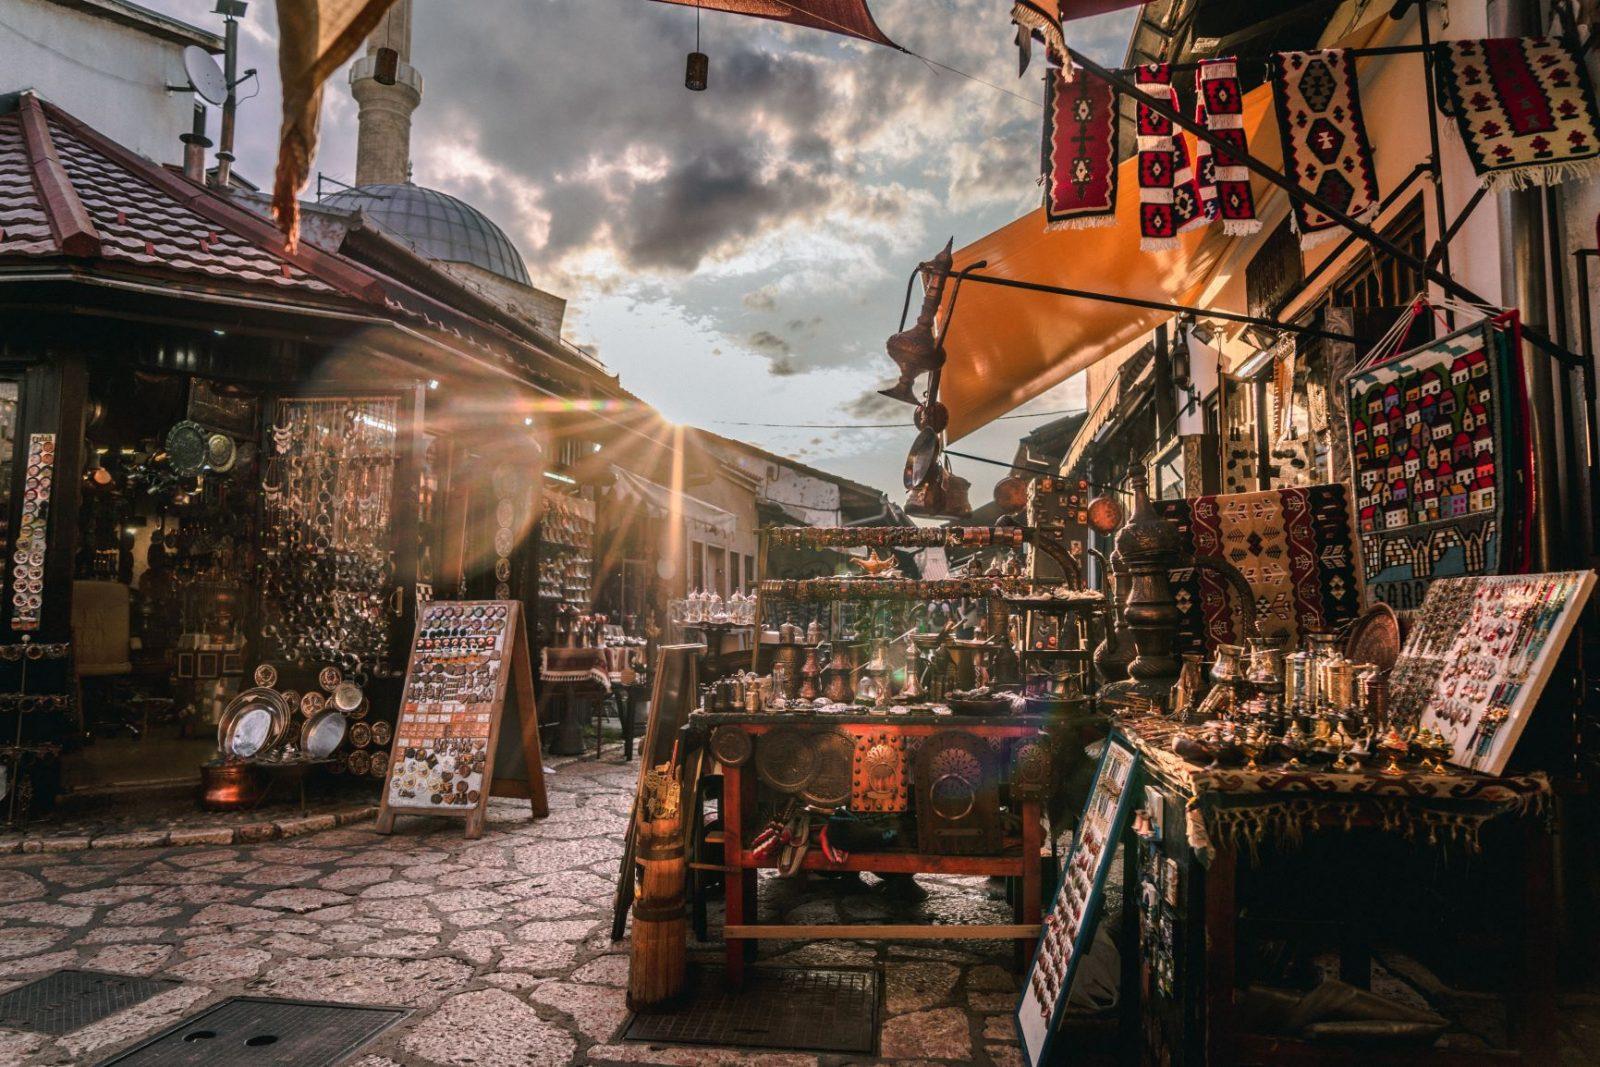 Putovanje Sarajevo, evropski gradovi, city break, Baš čaršija